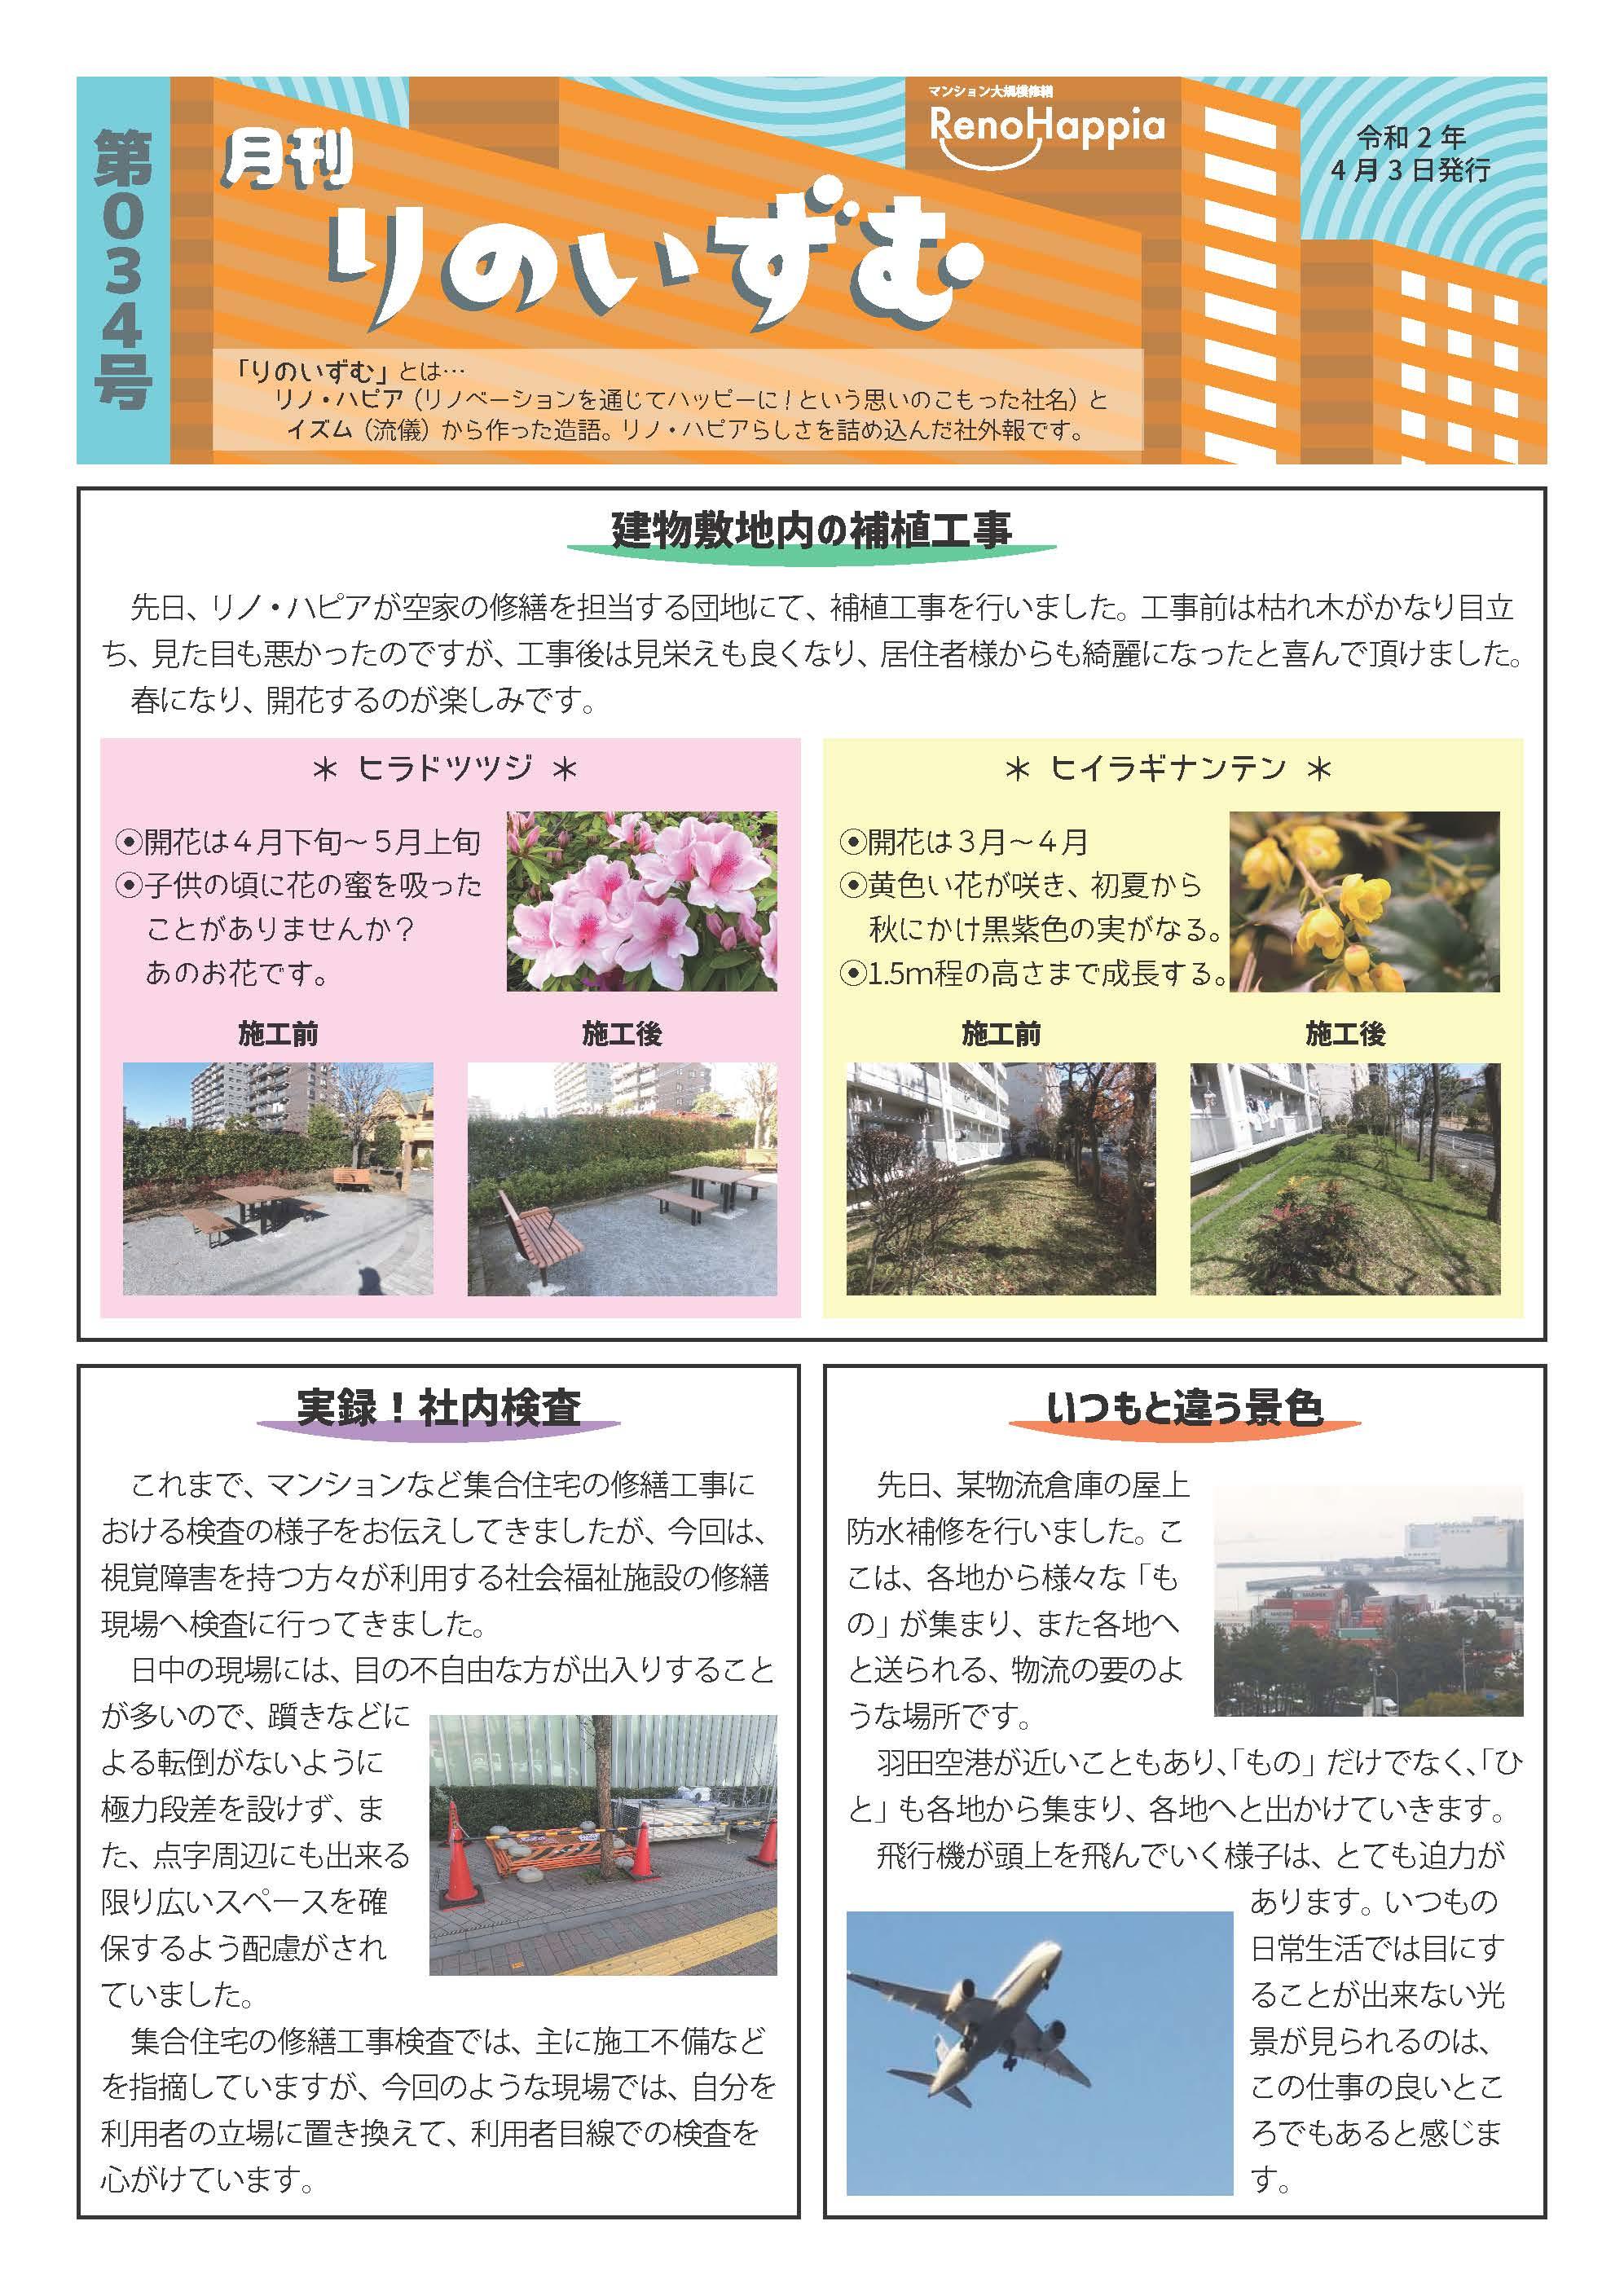 社外報第34号_ページ_1